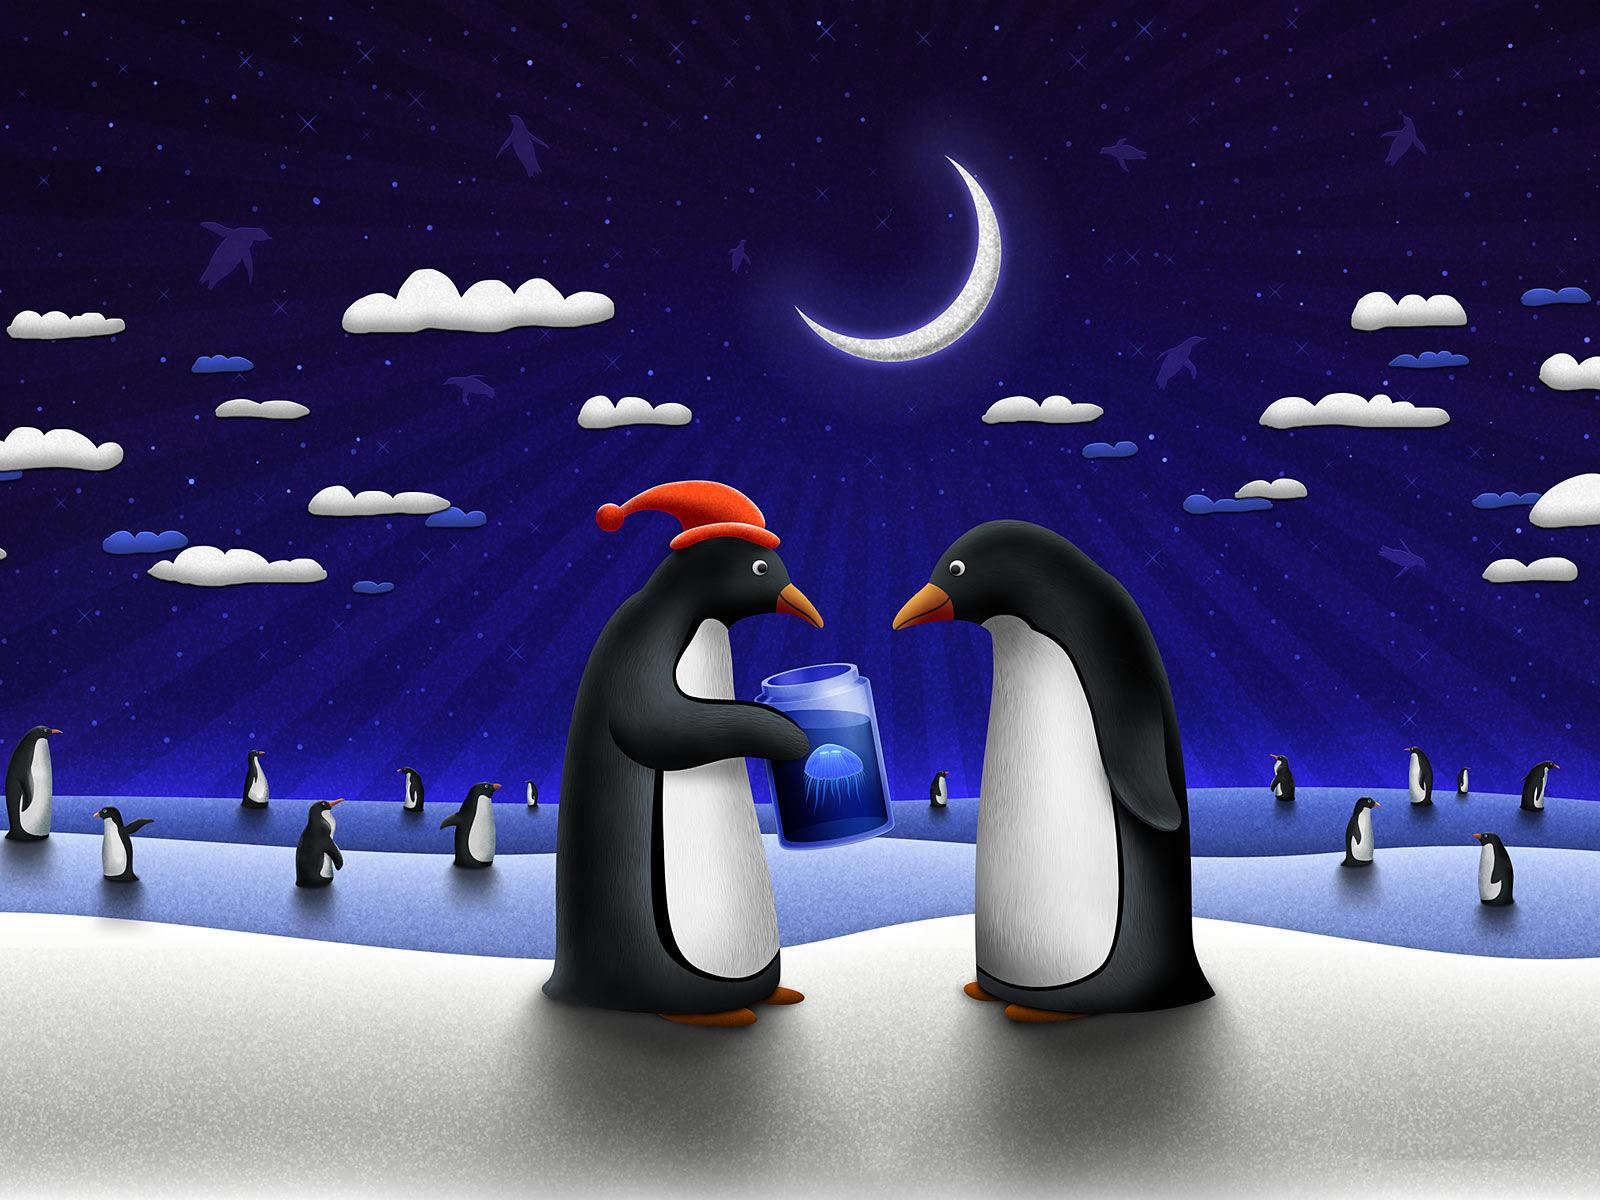 пингвины, луна, фото, обои для рабочего стола